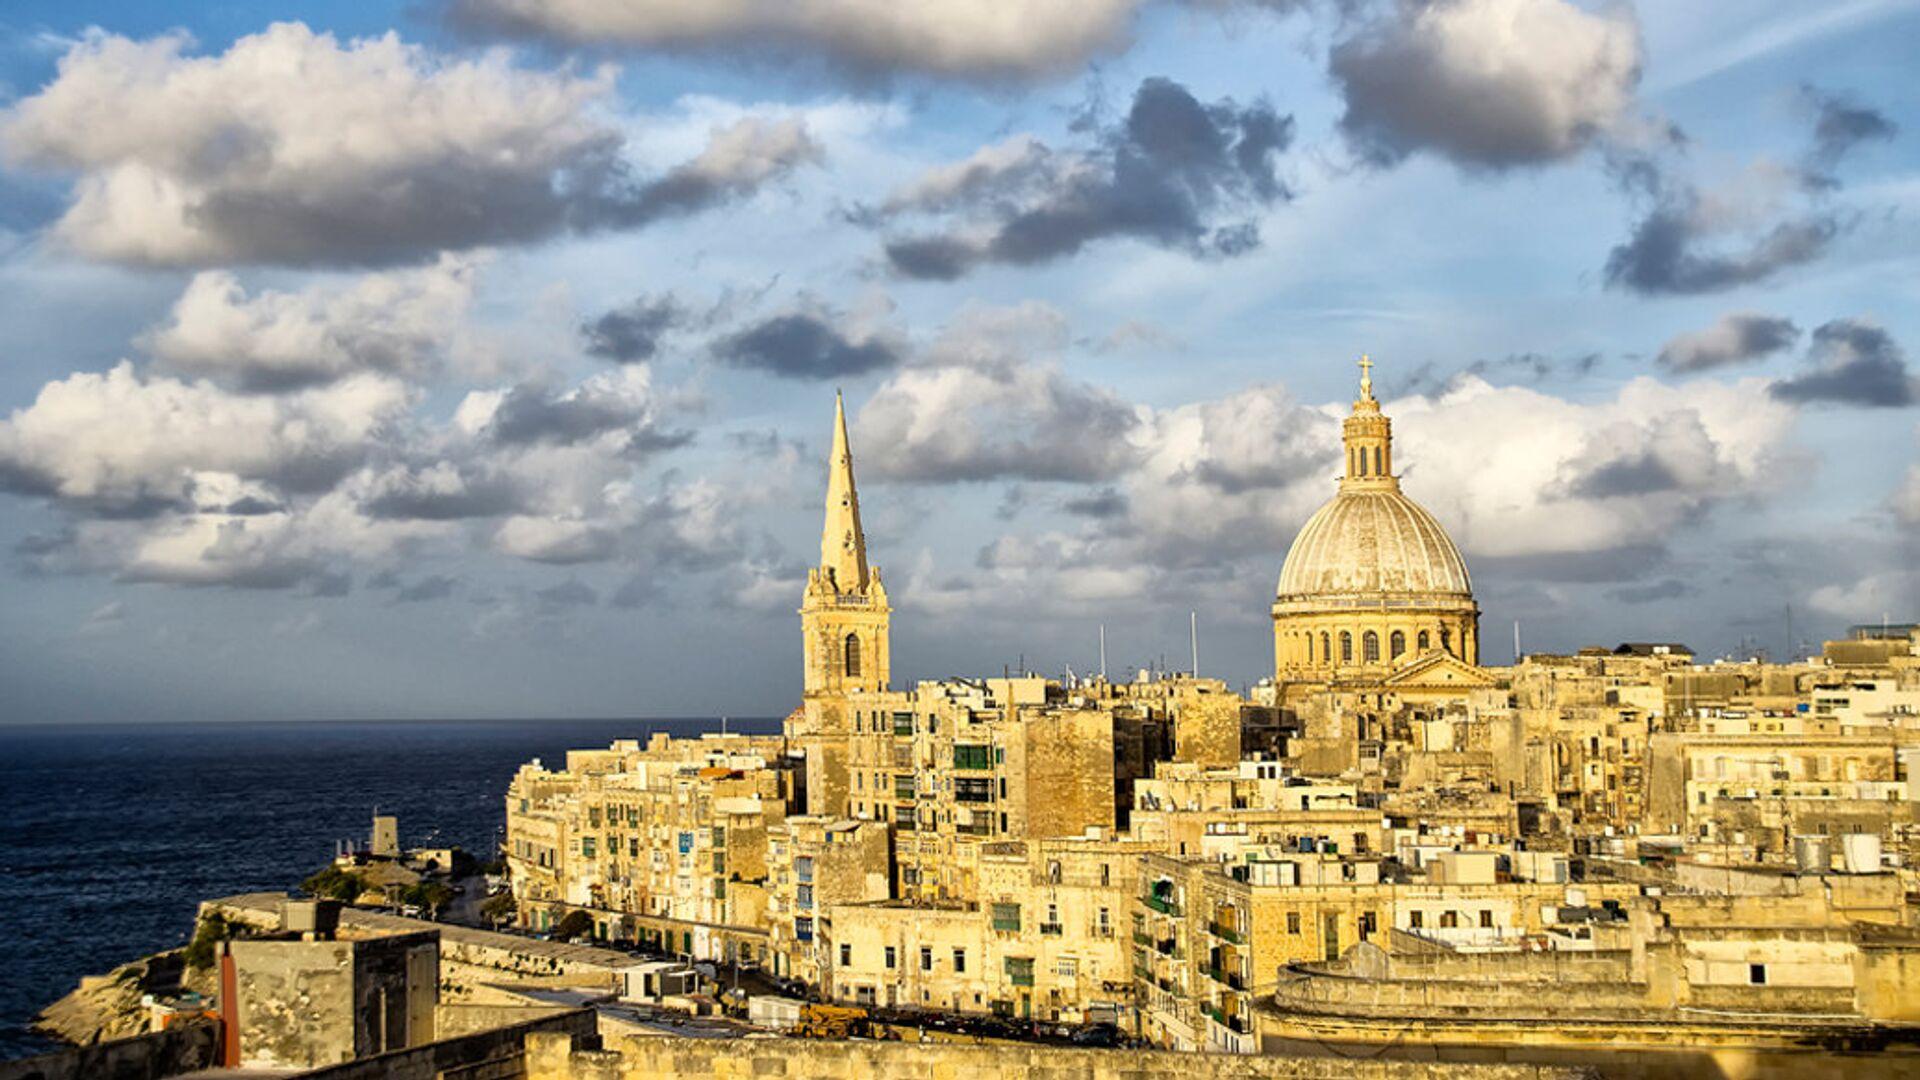 1497027739 0:3:1036:586 1920x0 80 0 0 50b674951a0cd9e06c34bd92116dcd06 - Россия и Мальта подписали протокол об изменении налогового соглашения